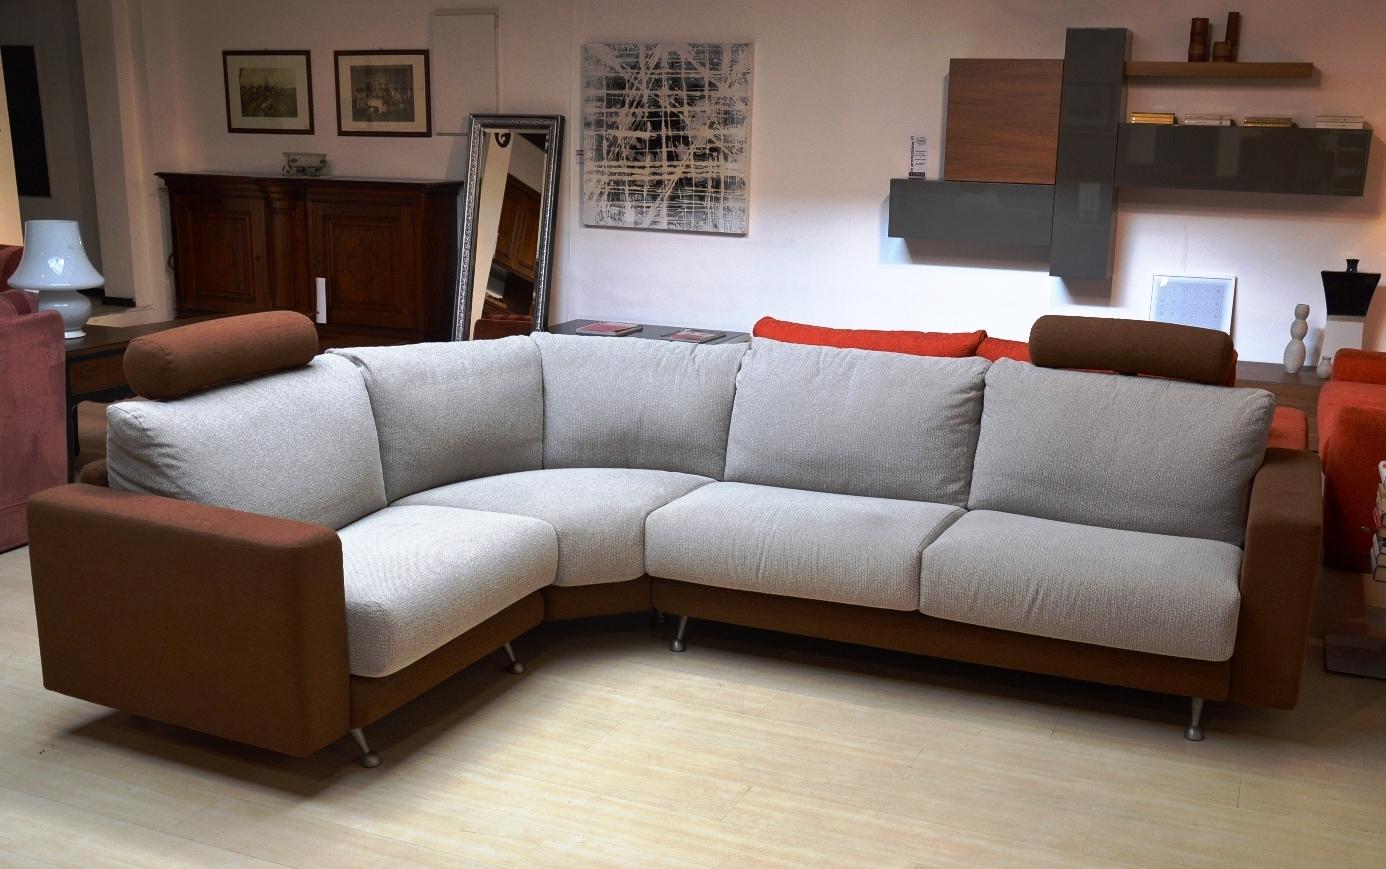 Divano angolo doimo salotti divani a prezzi scontati - Divano angolo letto ...